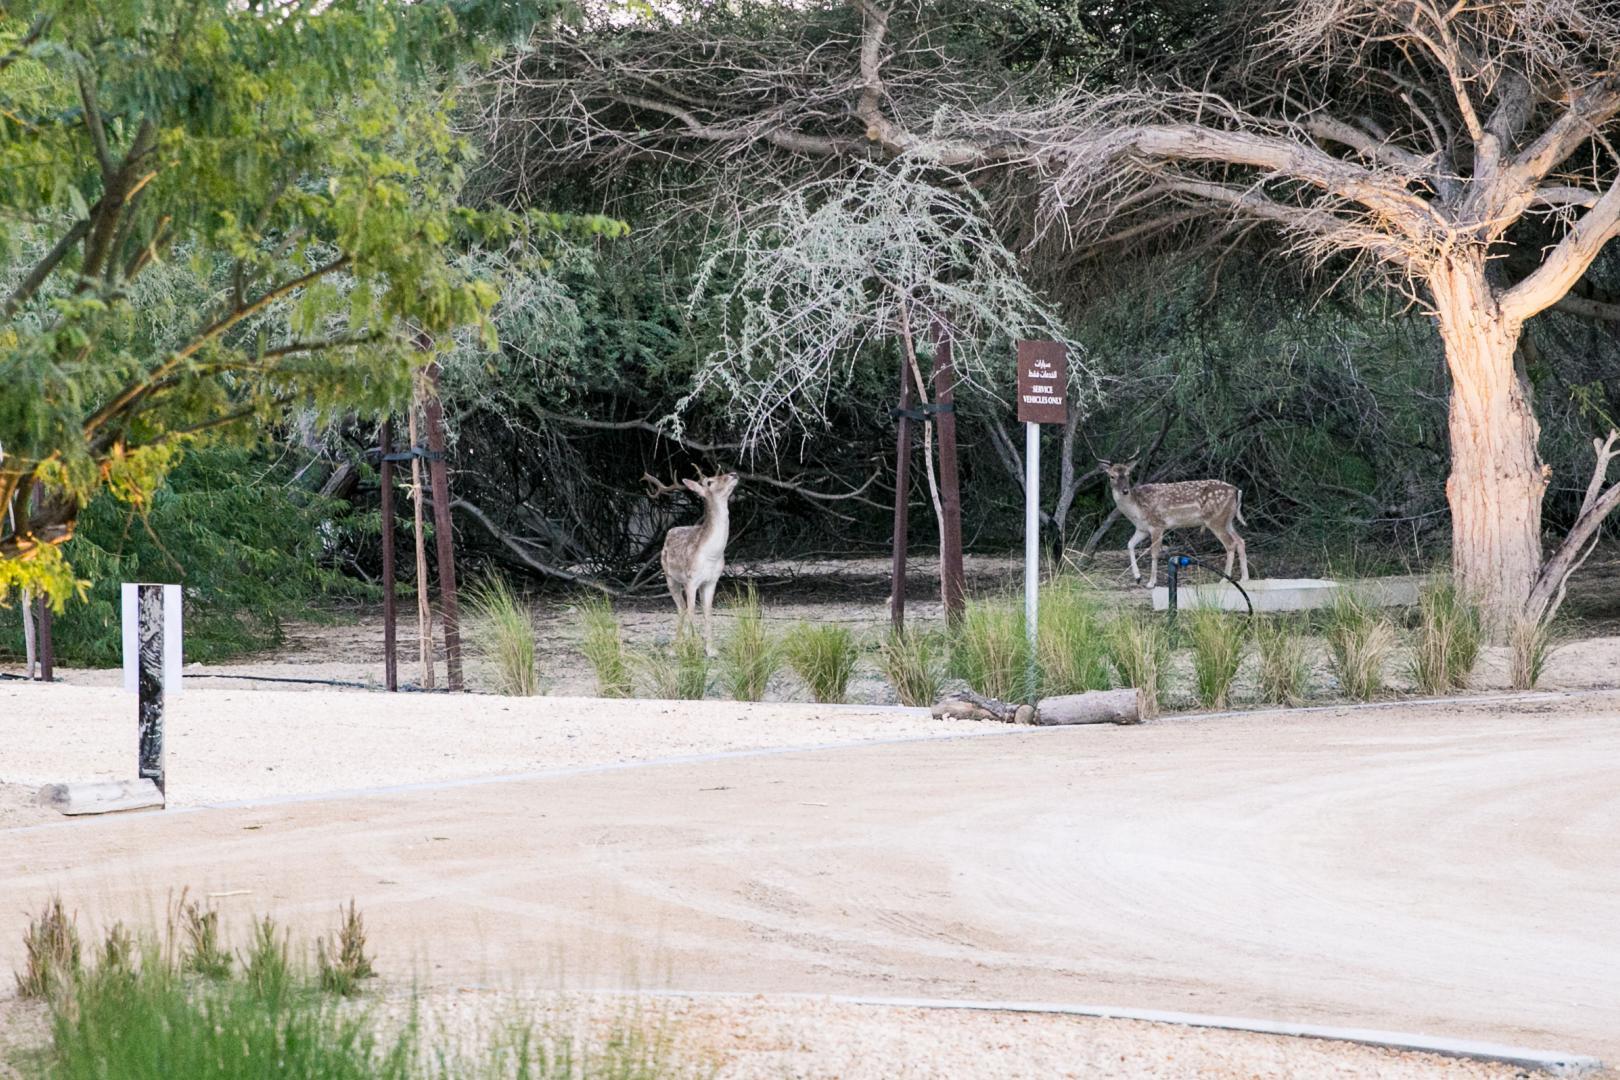 al-jurf-garden-abu-dhabi-wildlife